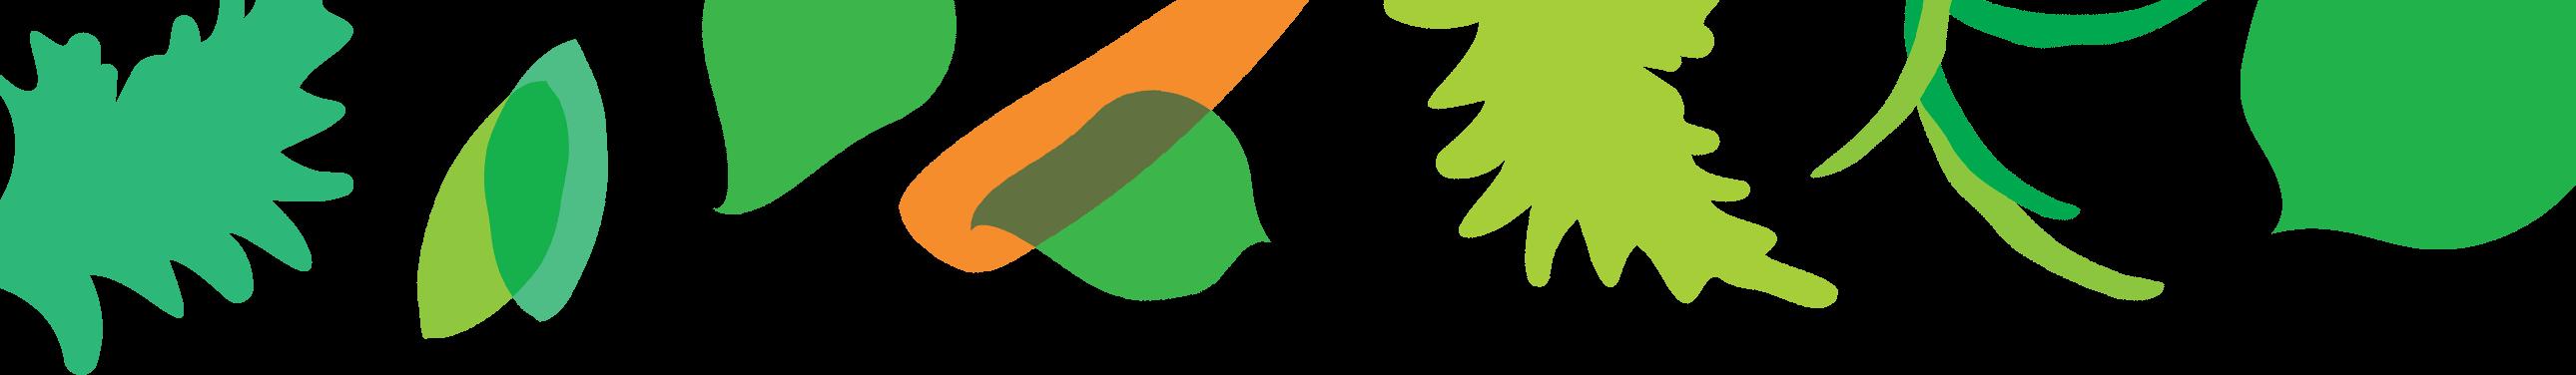 Kalfresh-vegetables-banner